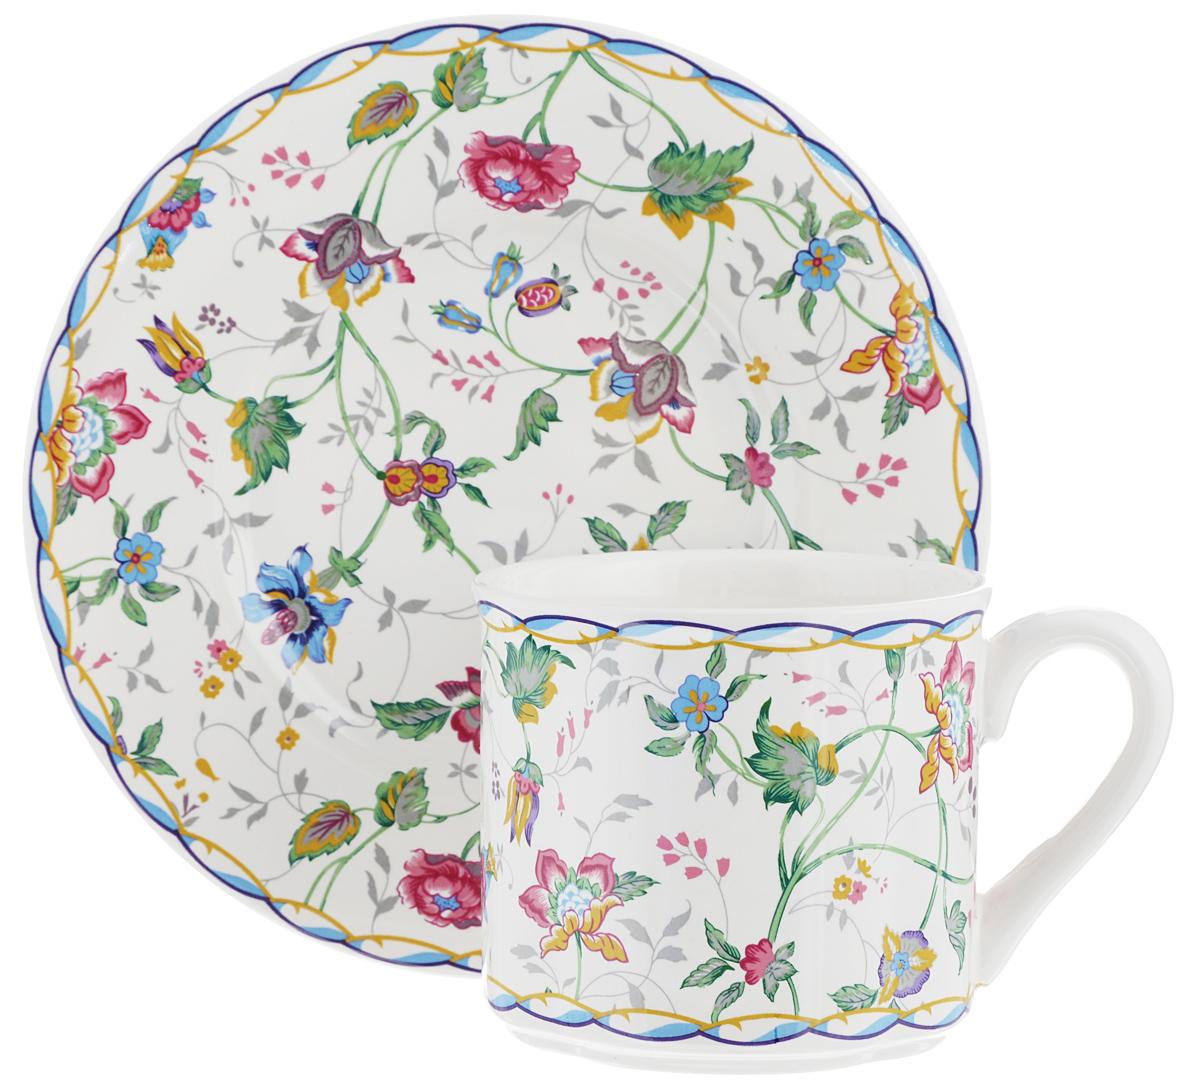 Чайная пара Gotoff, 2 предметаLUNA09-1102/1Чайная пара Gotoff состоит из чашки и блюдца, изготовленных из высококачественного фаянса. Оригинальный яркий дизайн, несомненно, придется вам по вкусу. Чайная пара Gotoff украсит ваш кухонный стол, а также станет замечательным подарком к любому празднику. Диаметр чашки (по верхнему краю): 8 см. Высота чашки: 8 см. Объем чашки: 200 мл. Диаметр блюдца: 16,5 см.